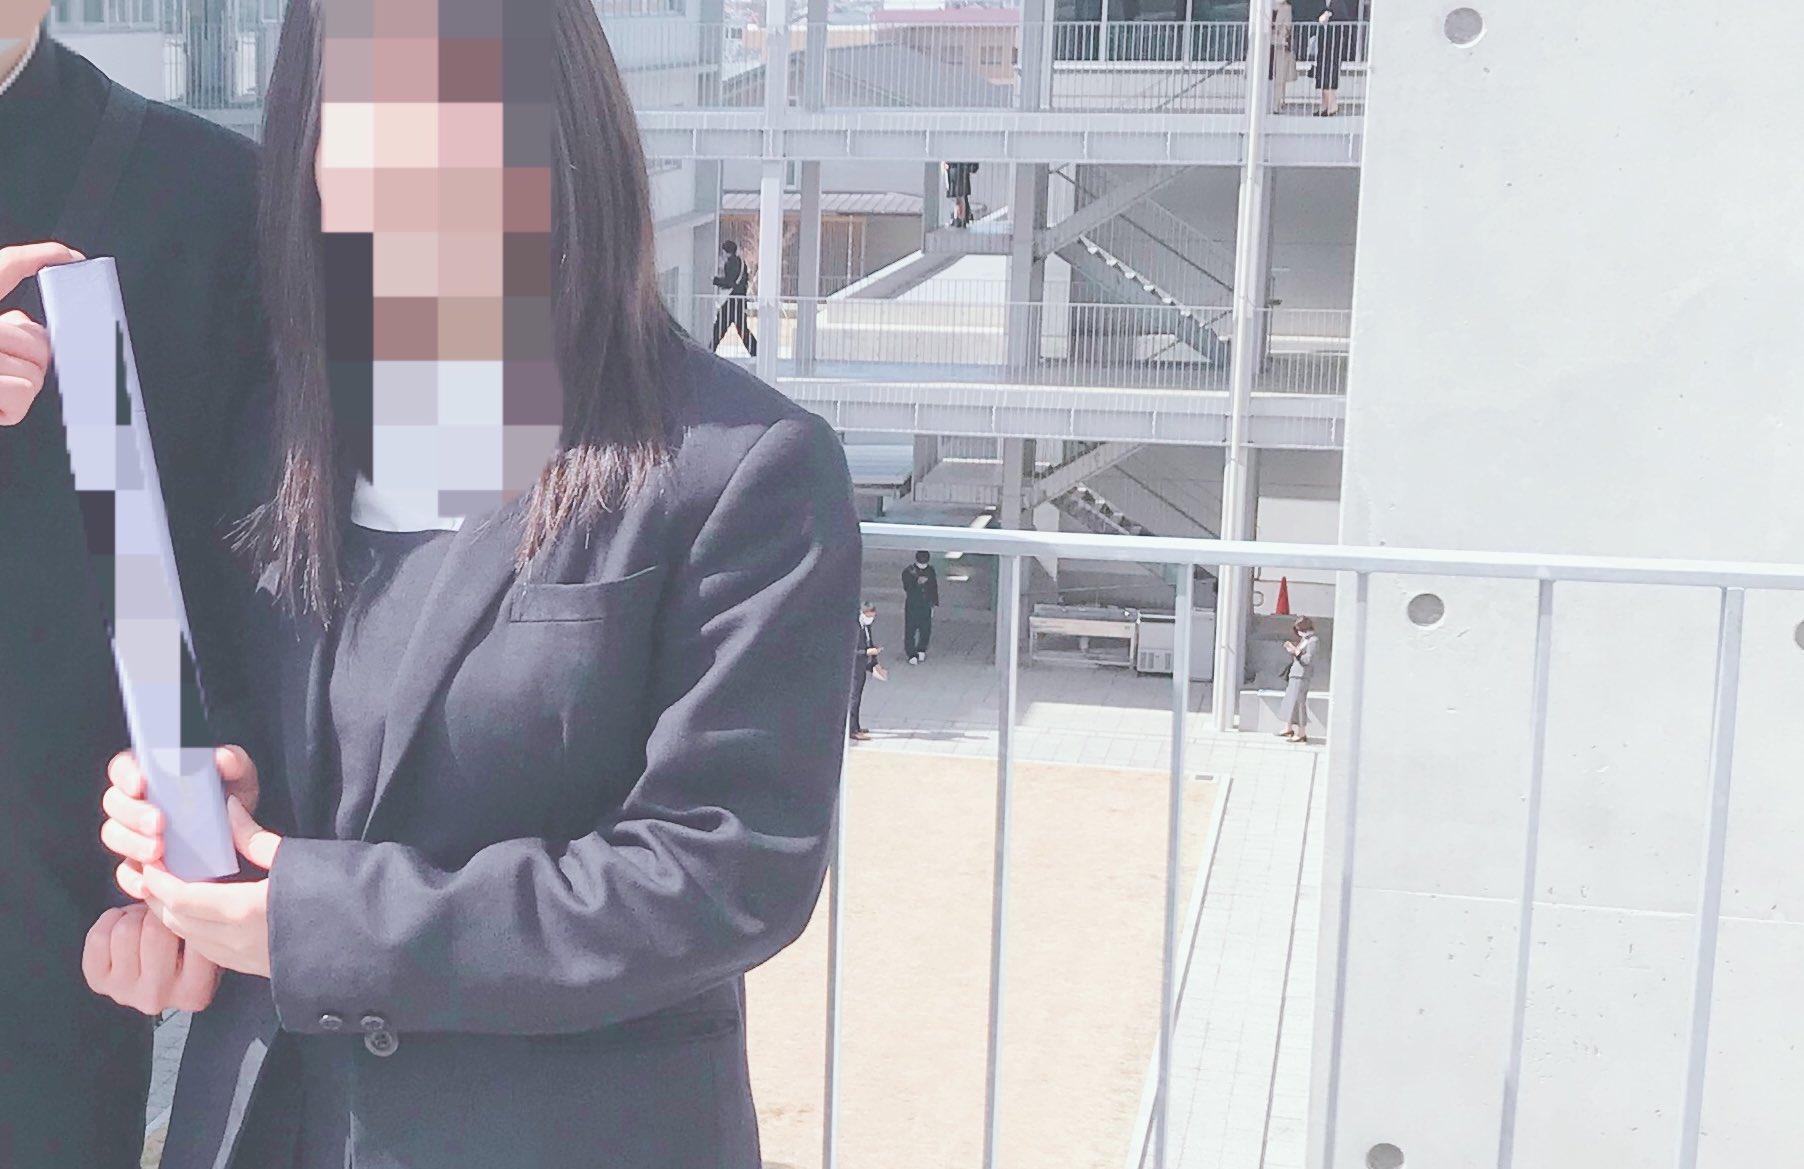 【圖 + 影】高中畢業大解放!18歲巨乳妹自拍「手部運動片」無毛下體潮水氾濫!